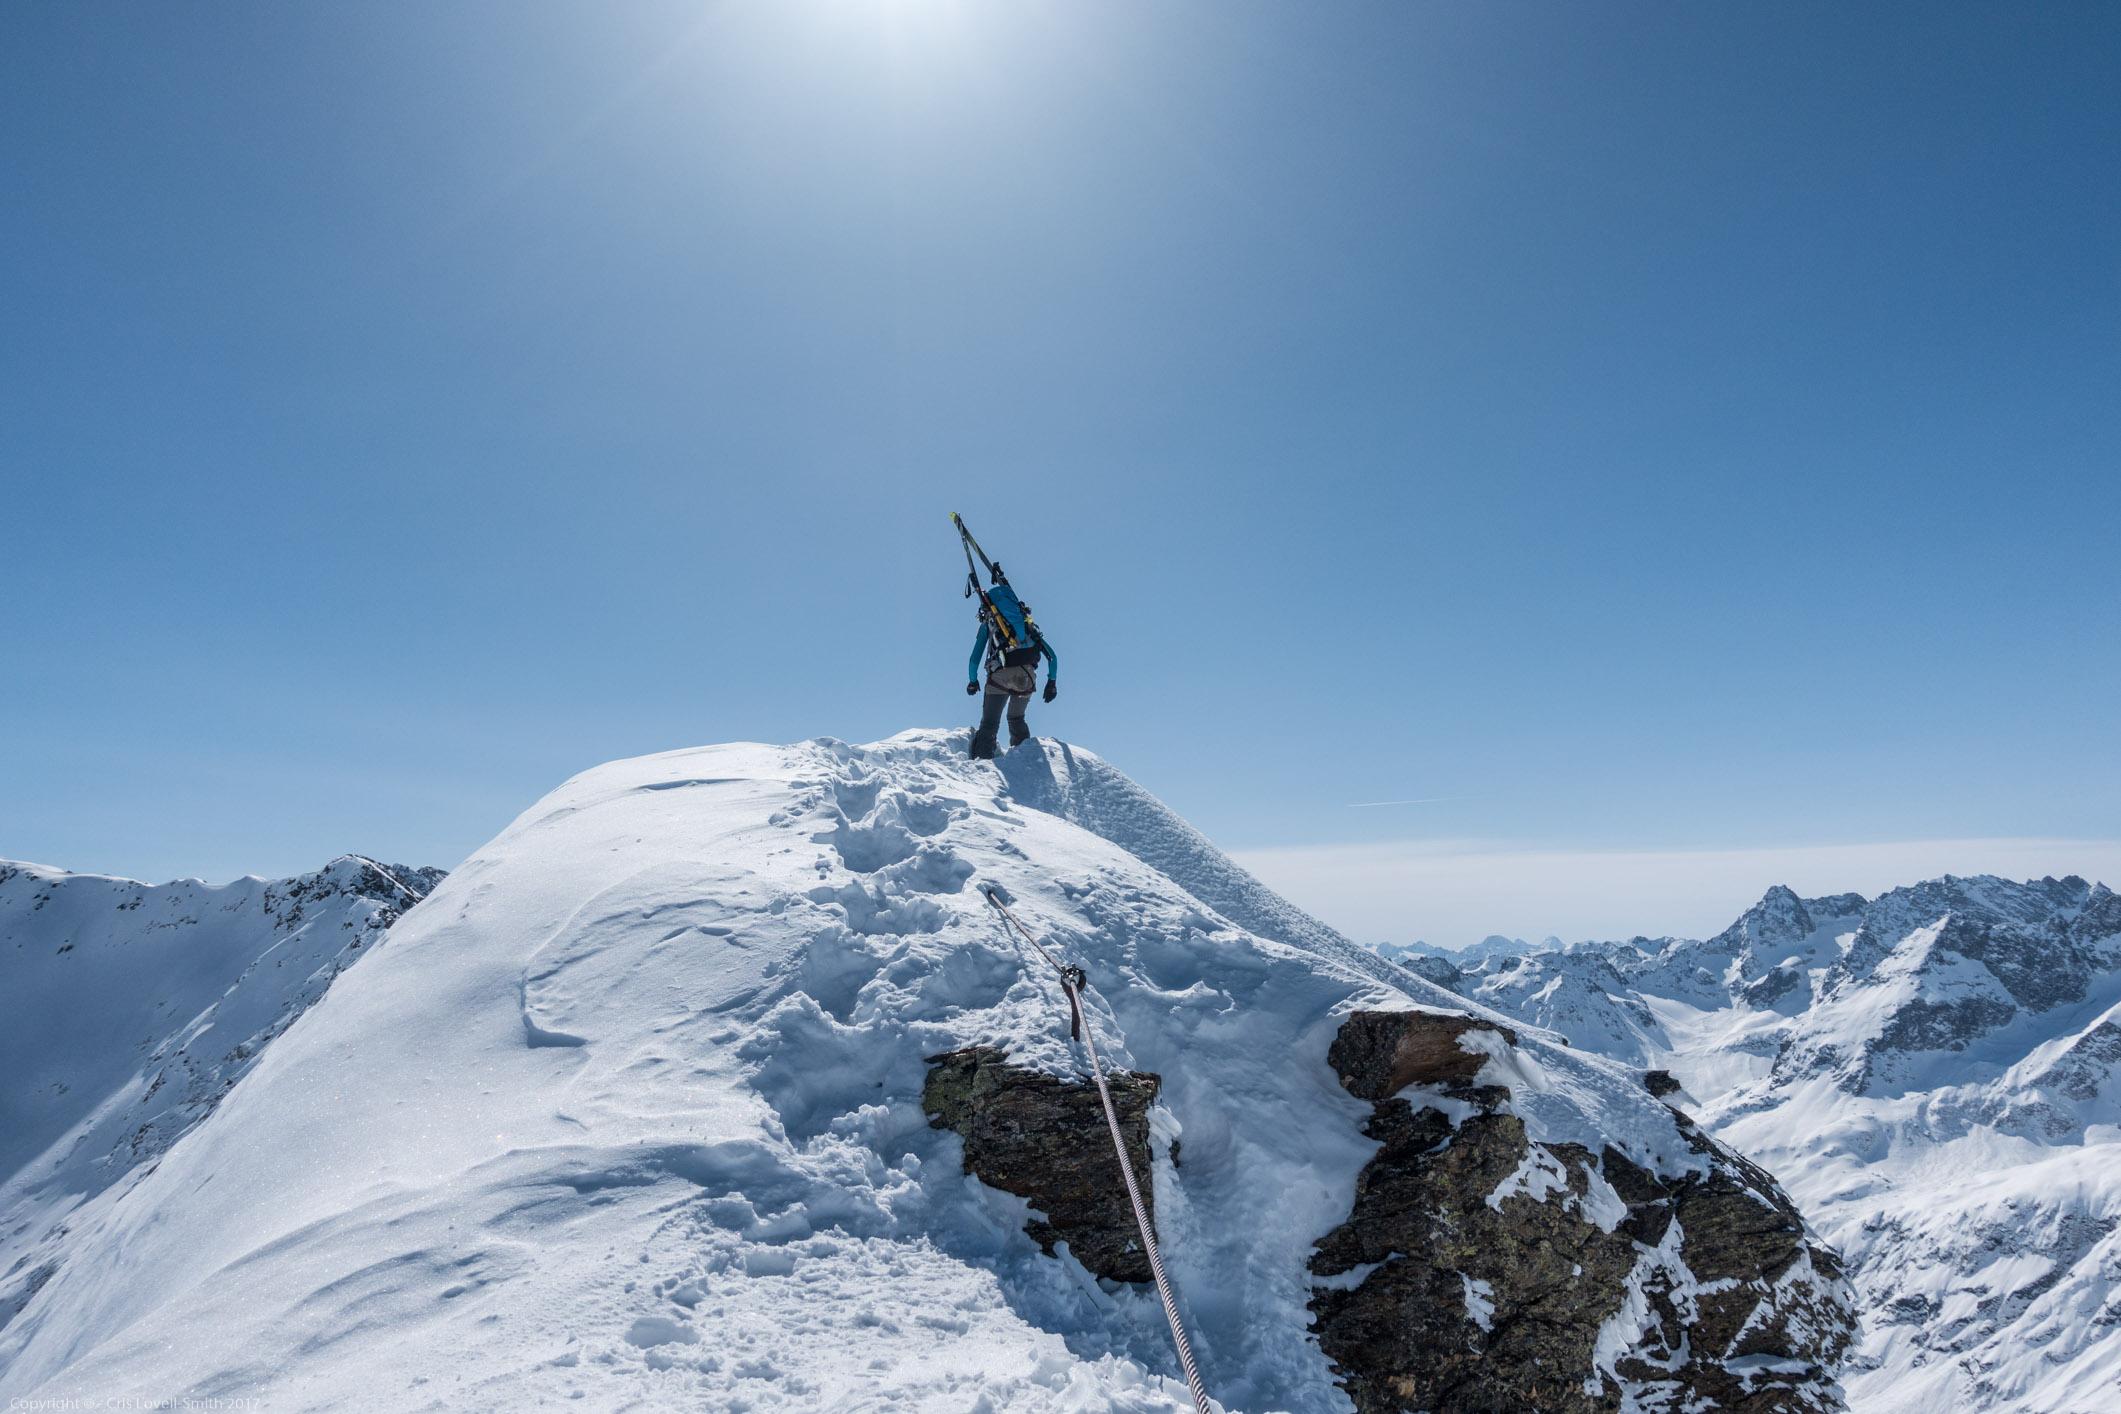 Leonie on the Vordere-Rendlspitze (Arlberger Winterklettersteig March 2017)